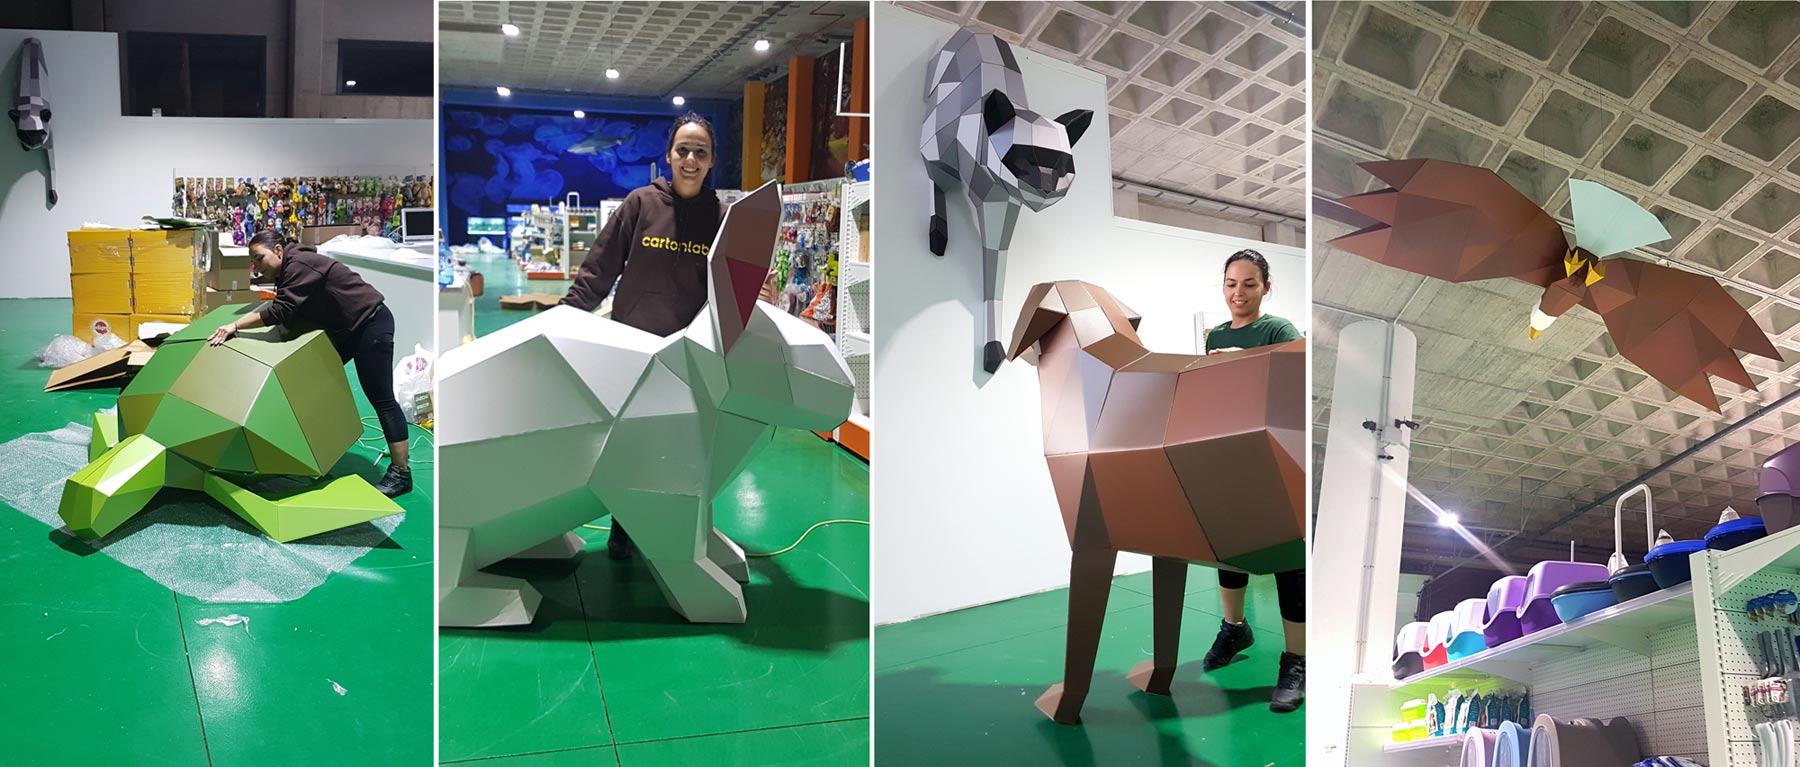 animales de carton lowpoly tienda mascotas